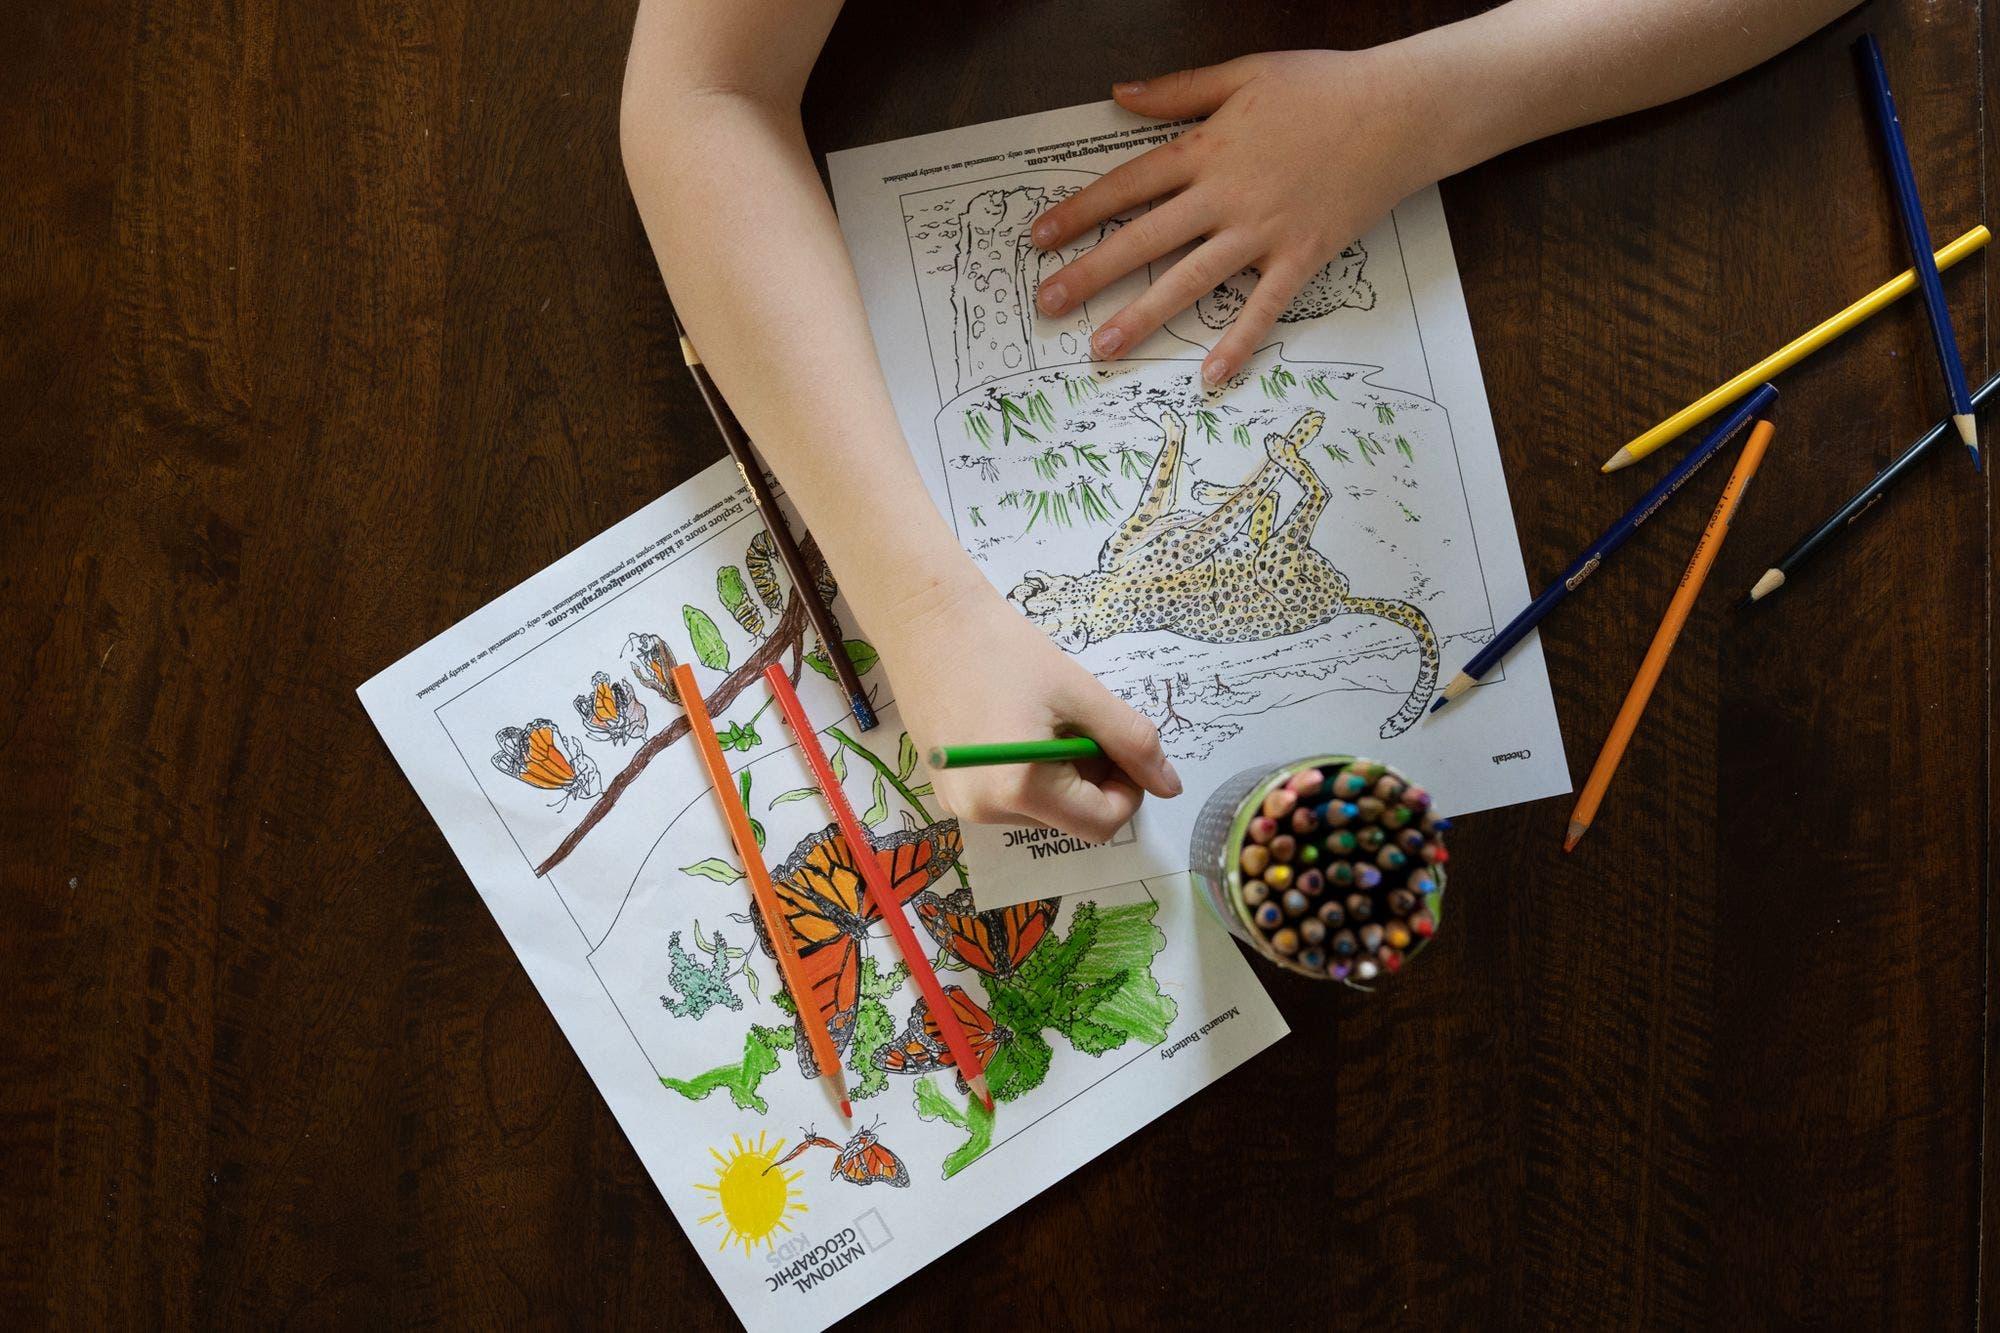 Aplicaciones que ayudan para hacer las tareas escolares en casa